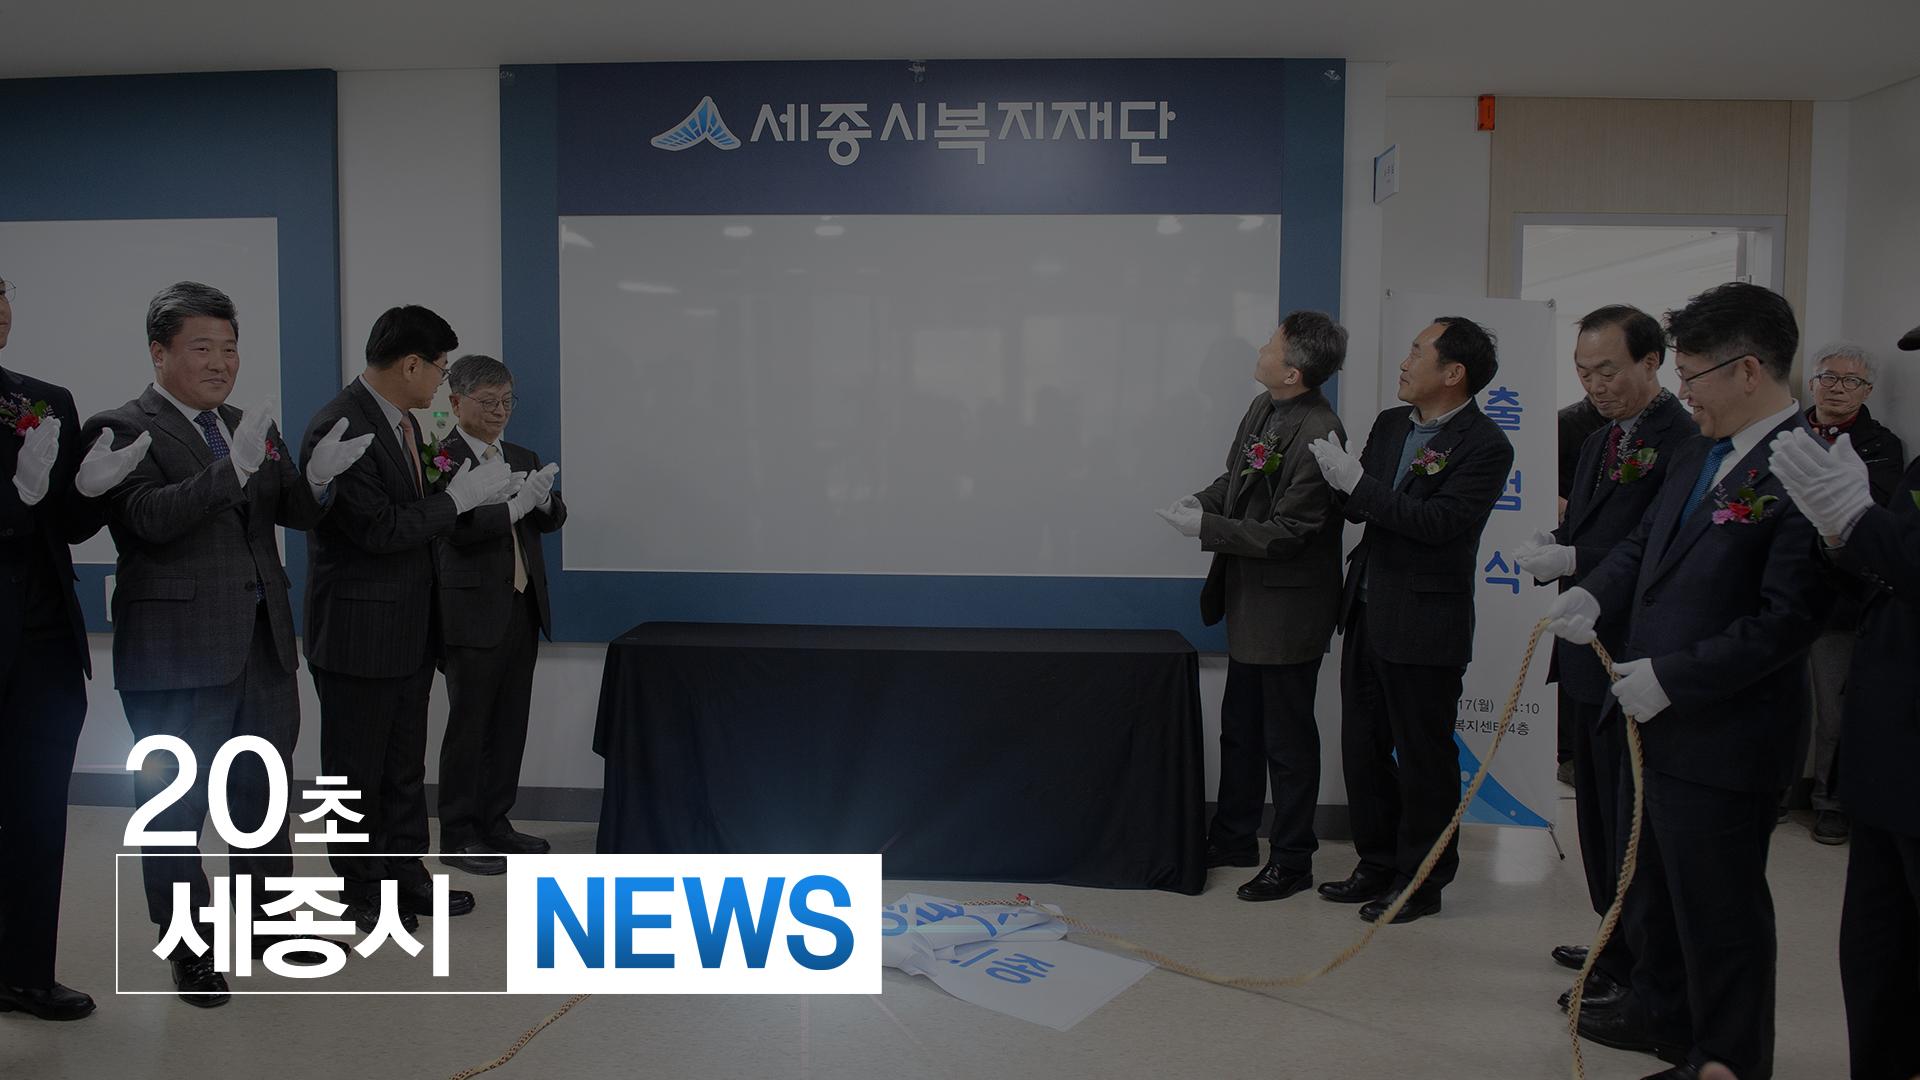 <20초뉴스> 세종시복지재단 출범식 개최